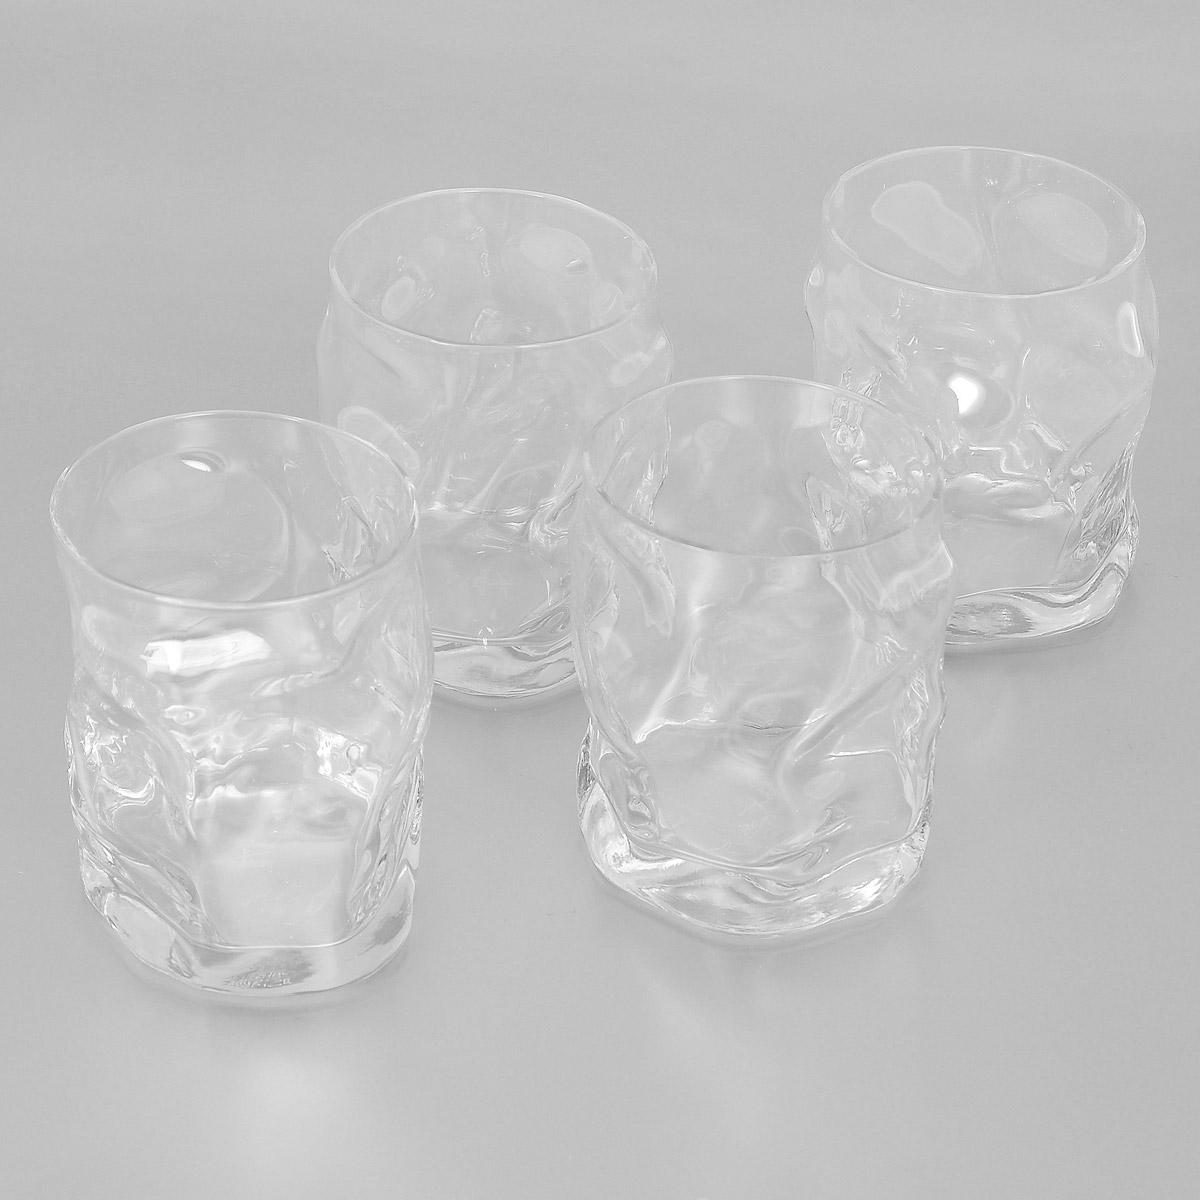 Набор стаканов Bormioli Rocco Sorgente, 420 мл, 4 шт340350G10021990Набор Bormioli Rocco Sorgente, выполненный из стекла, состоит из 4 низких стаканов. Стаканы предназначены для подачи холодных напитков. Изделия имеют оригинальный дизайн, который поможет украсить любой праздничный стол. Благодаря такому набору пить напитки будет еще вкуснее. Стаканы Bormioli Rocco Sorgente станут отличным подарком к любому празднику. С 1825 года компания Bormioli Rocco производит высококачественную посуду из стекла. На сегодняшний день это мировой лидер на рынке производства стеклянных изделий. Ассортимент, предлагаемый Bormioli Rocco необычайно широк - это бокалы, фужеры, рюмки, графины, кувшины, банки для сыпучих продуктов и консервирования, тарелки, салатники, чашки, контейнеры различных емкостей, предназначенные для хранения продуктов в холодильниках и морозильных камерах и т.д. Стекло сочетает в себе передовые технологии и традиционно высокое качество.